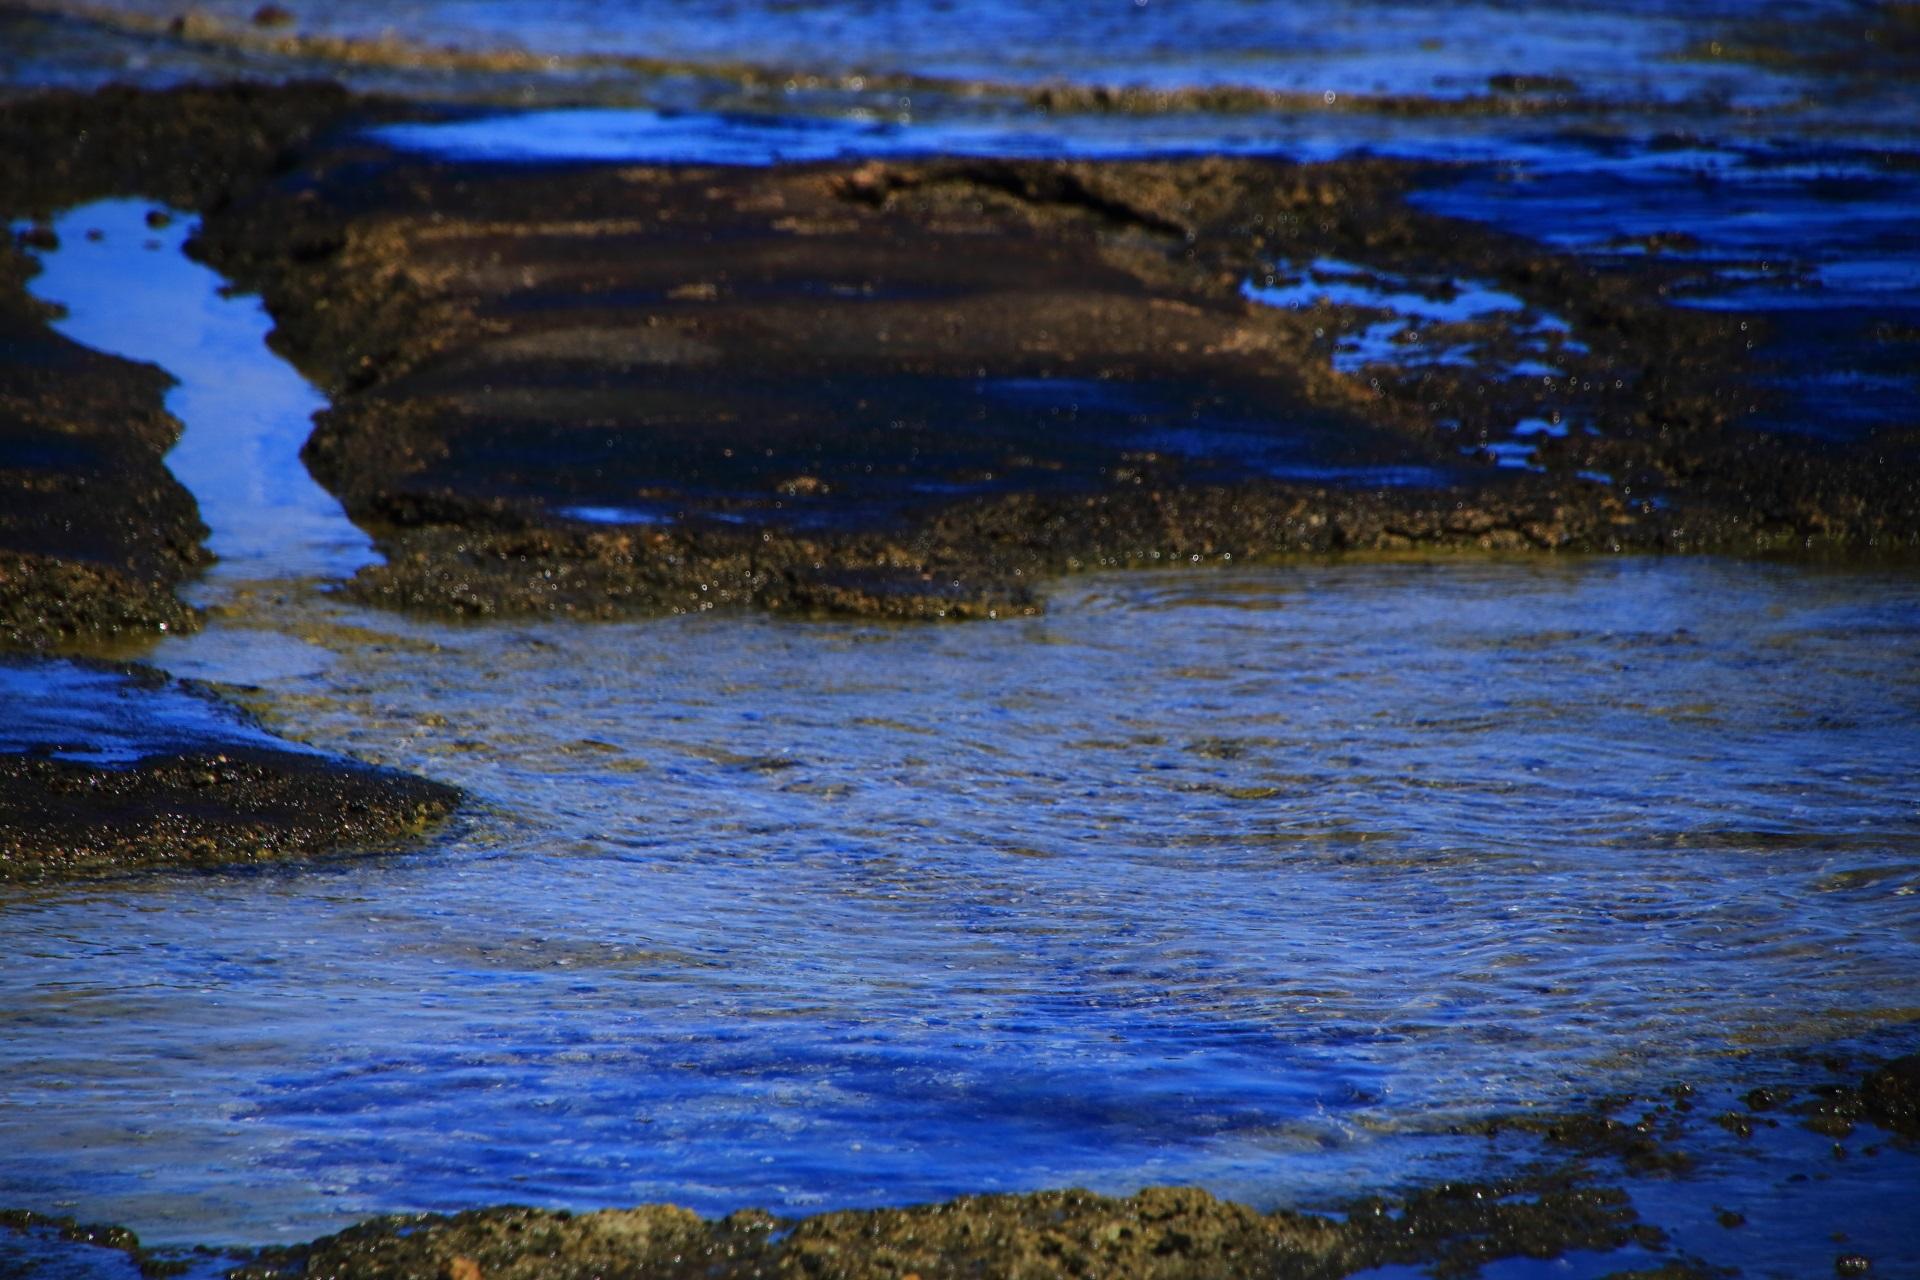 澄んだ美しい海の水が流れて溜まった五色浜の岩場